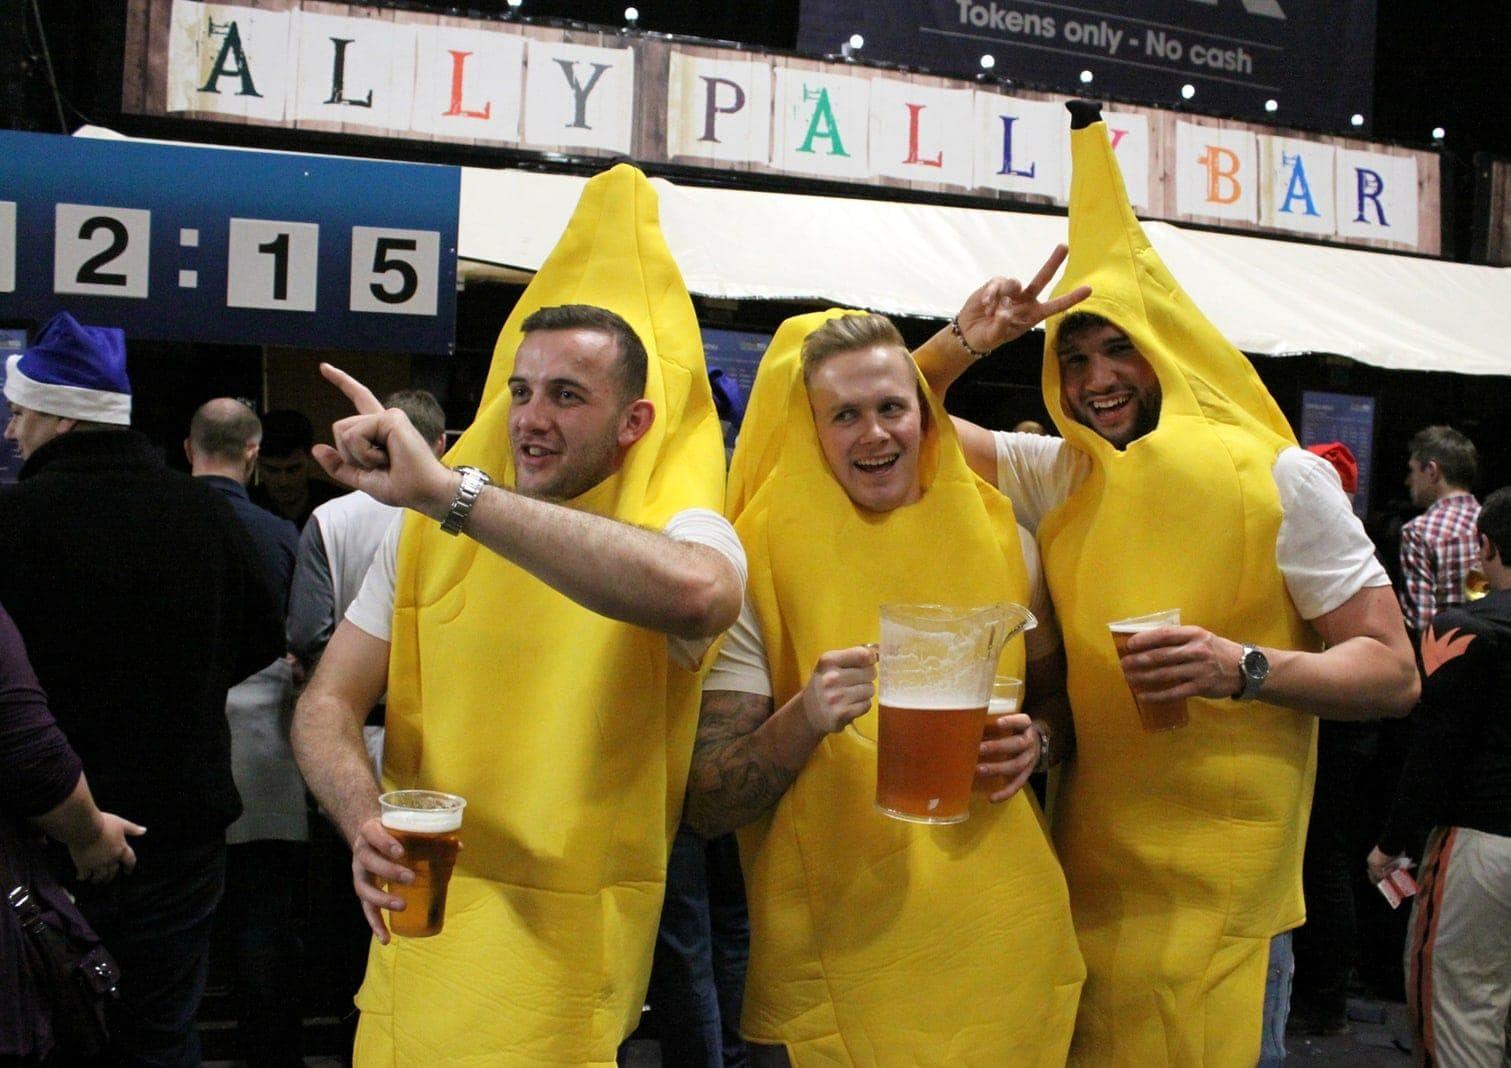 Darts Fans Ally Pally